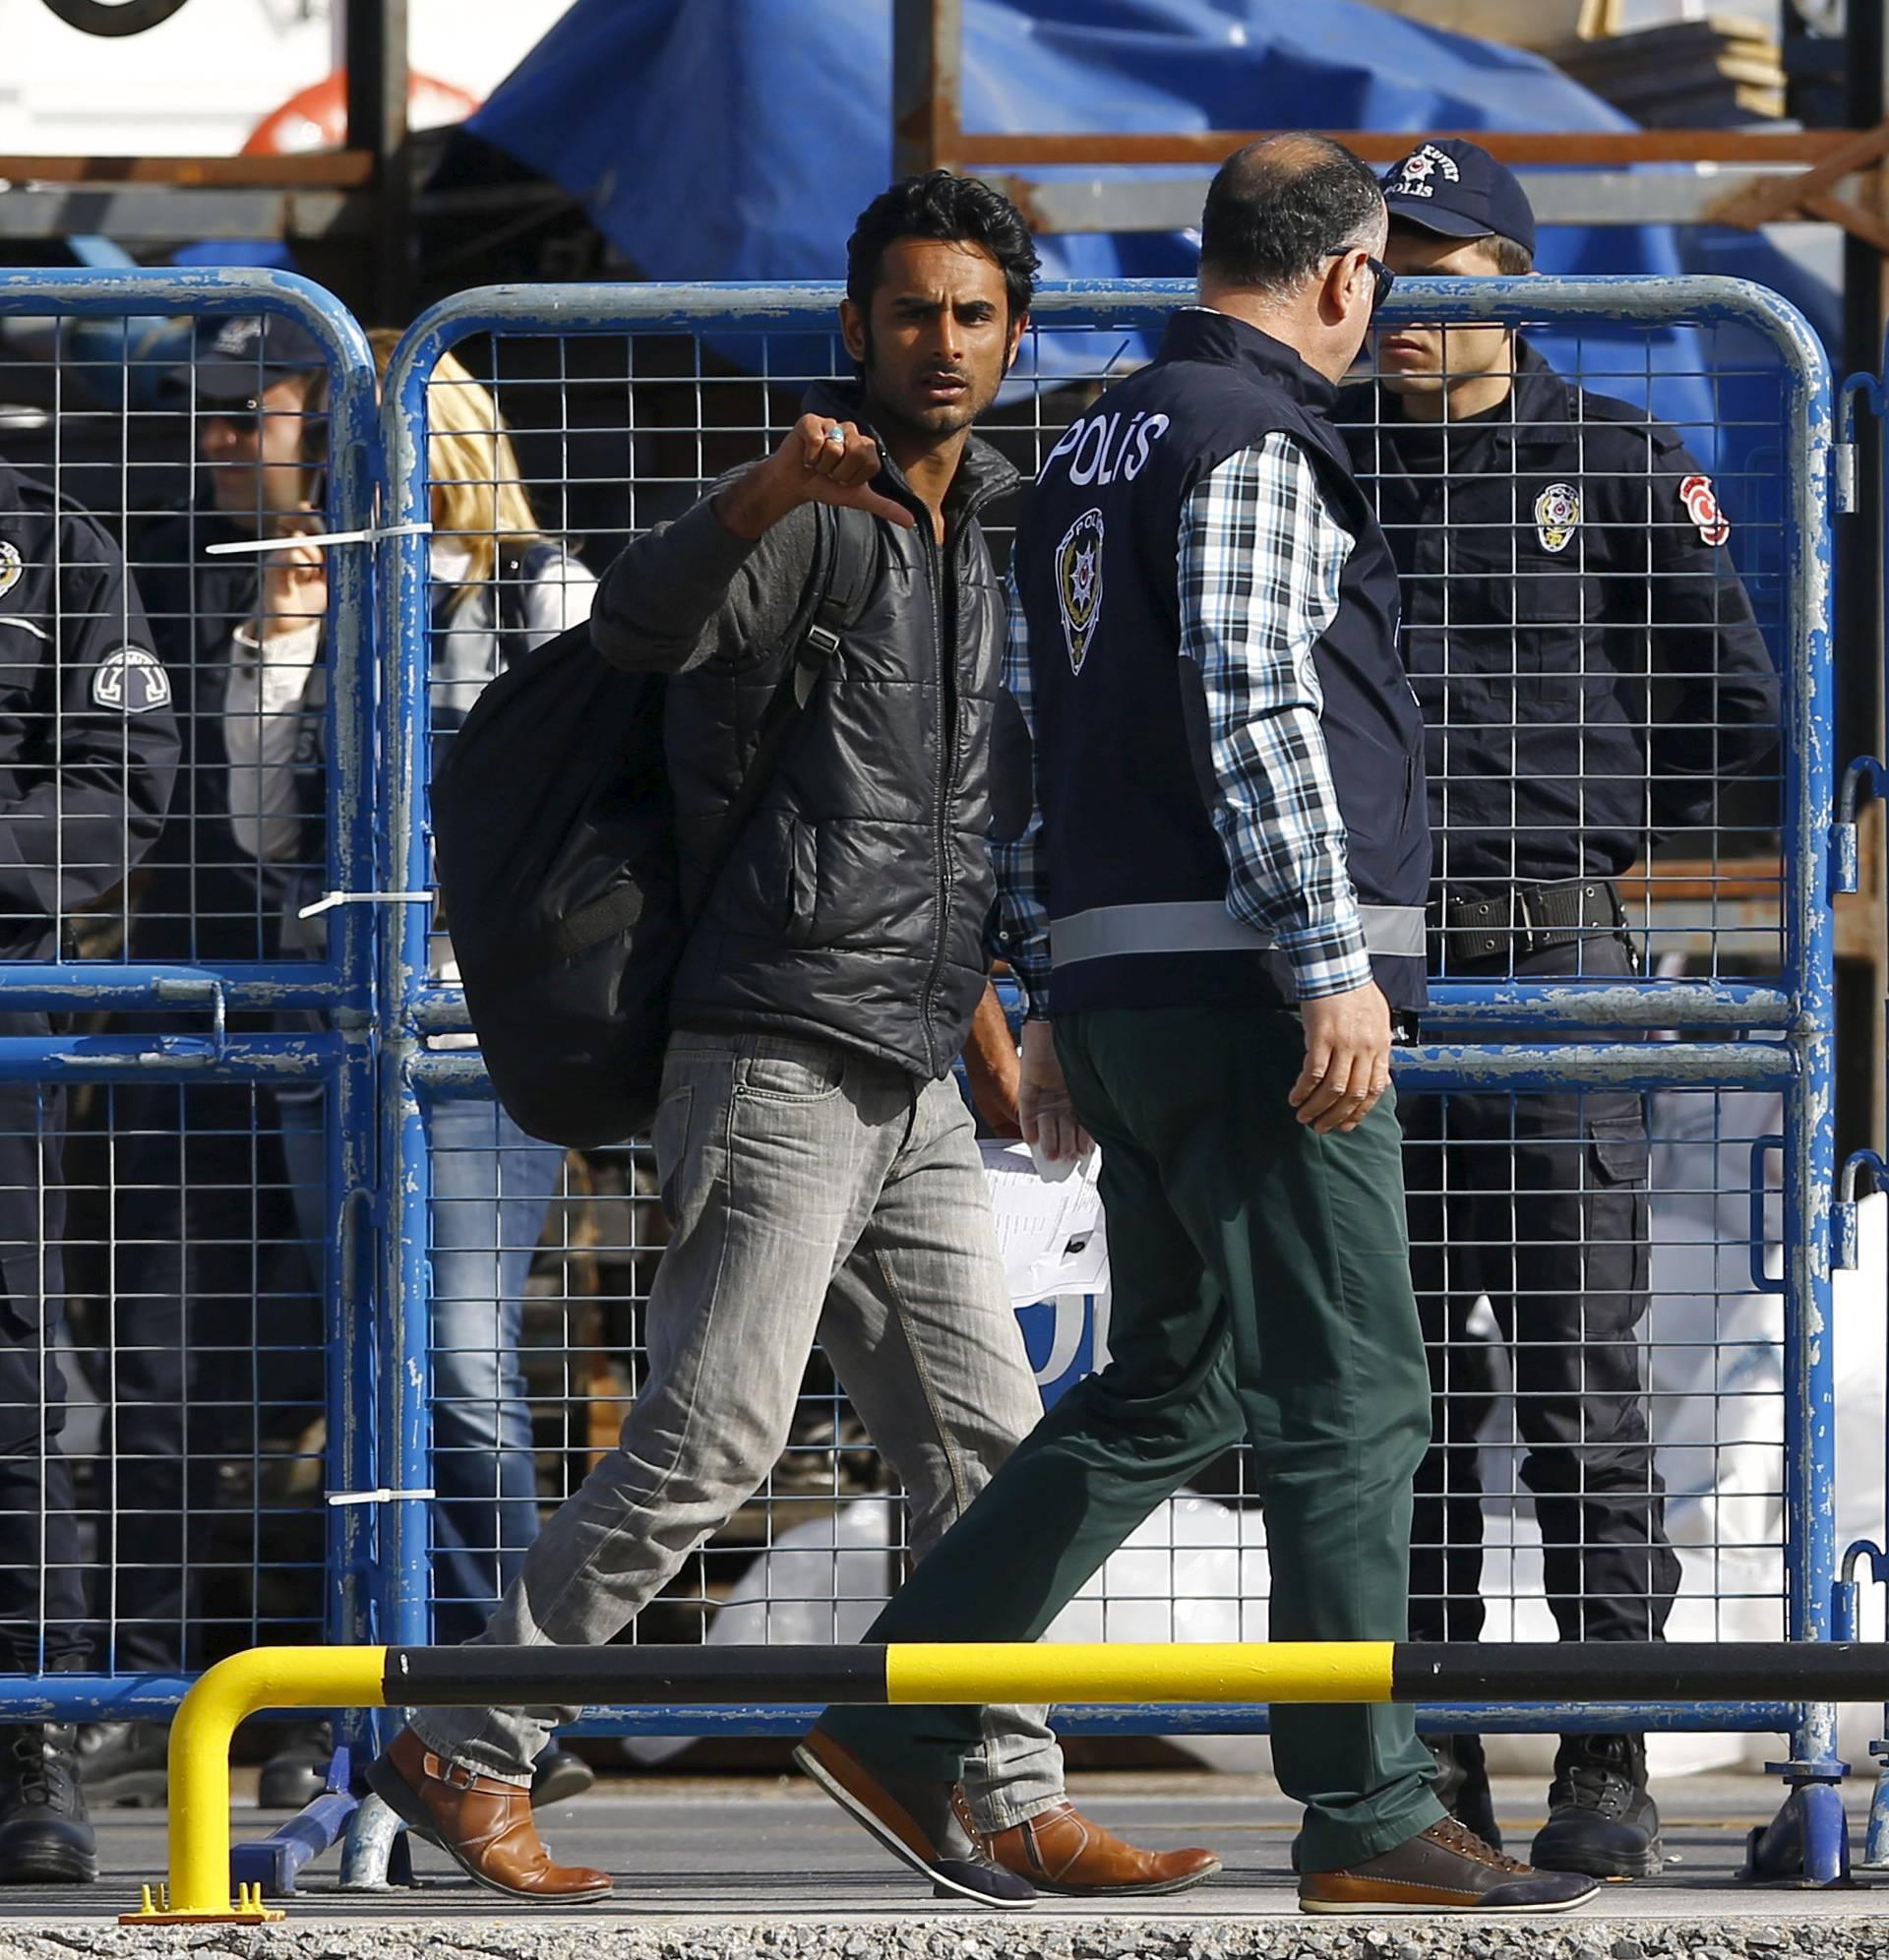 Njemačka vlada će  kontrolirati podatke s mobitela izbjeglica